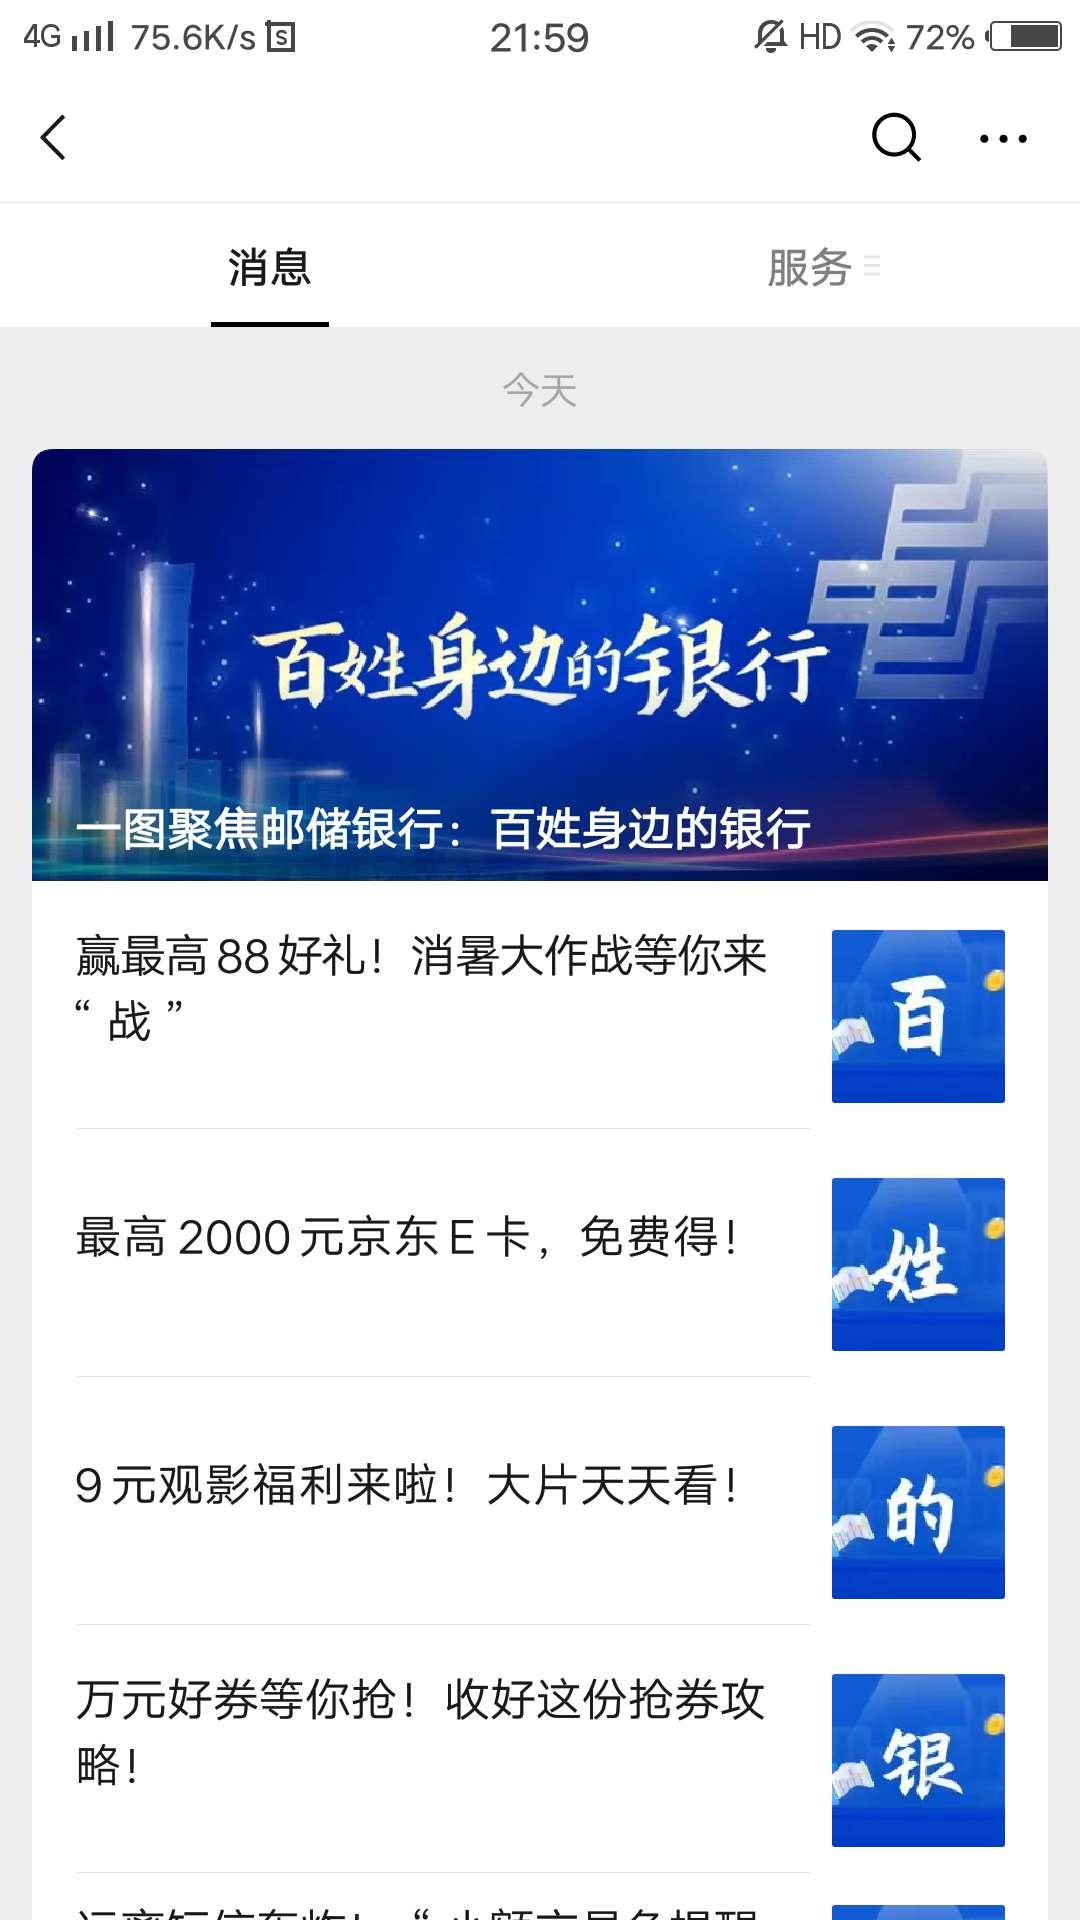 储蓄银行北京分行放刨冰抽红包